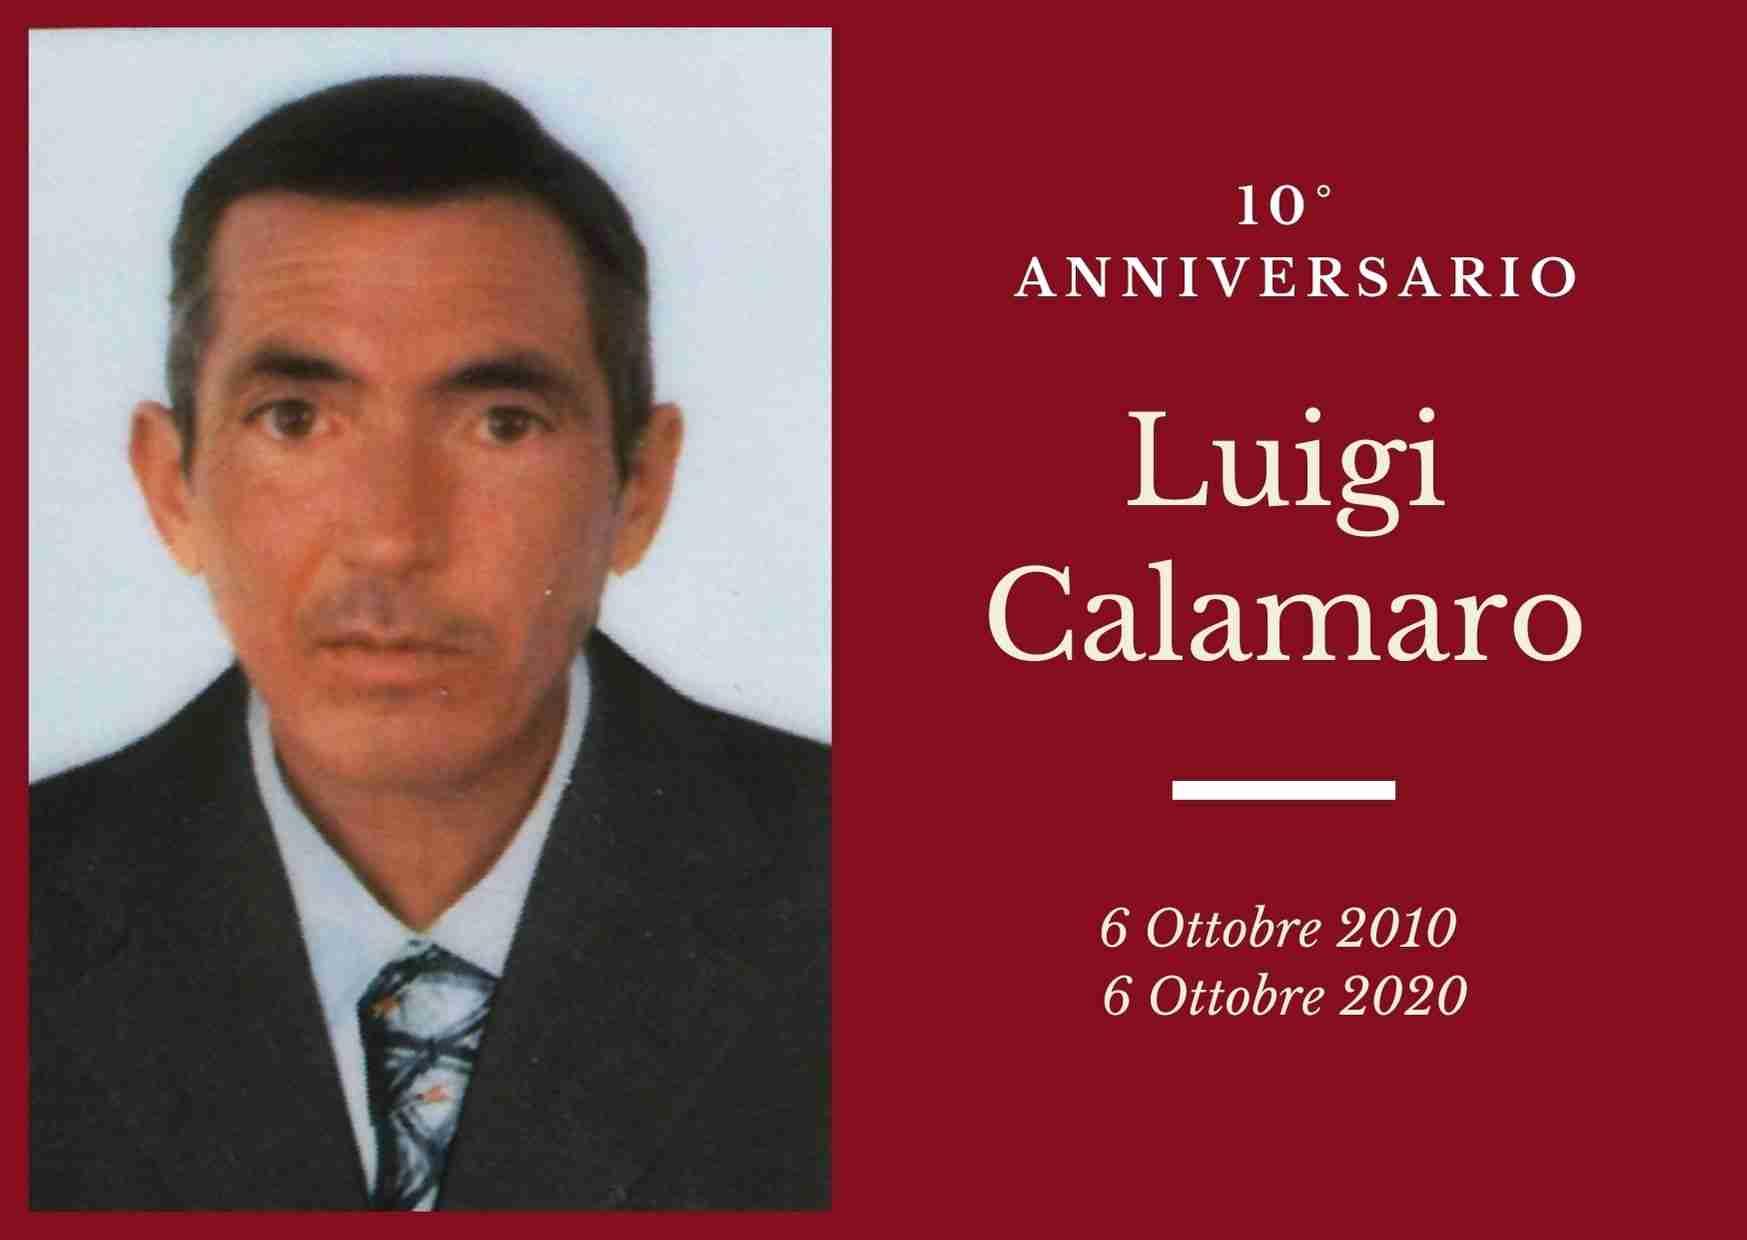 Necrologio: ricorre oggi il 10° Anniversario di Luigi Calamaro